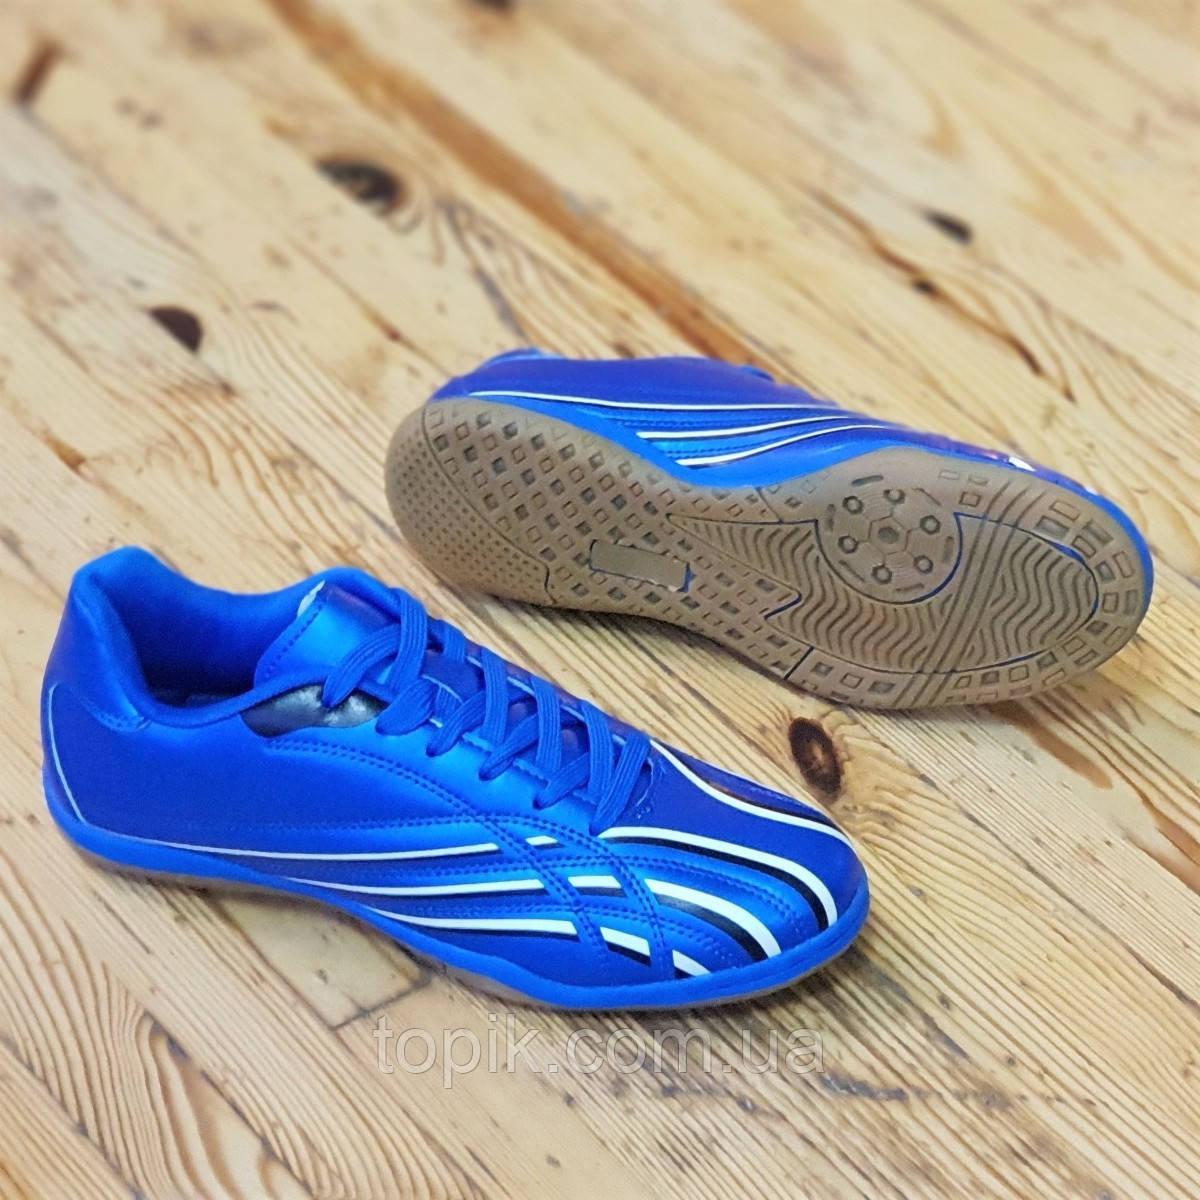 Футзалки бампы кроссовки для футбола синие легкие и удобные подошва полиуретан (Код: 1316а)